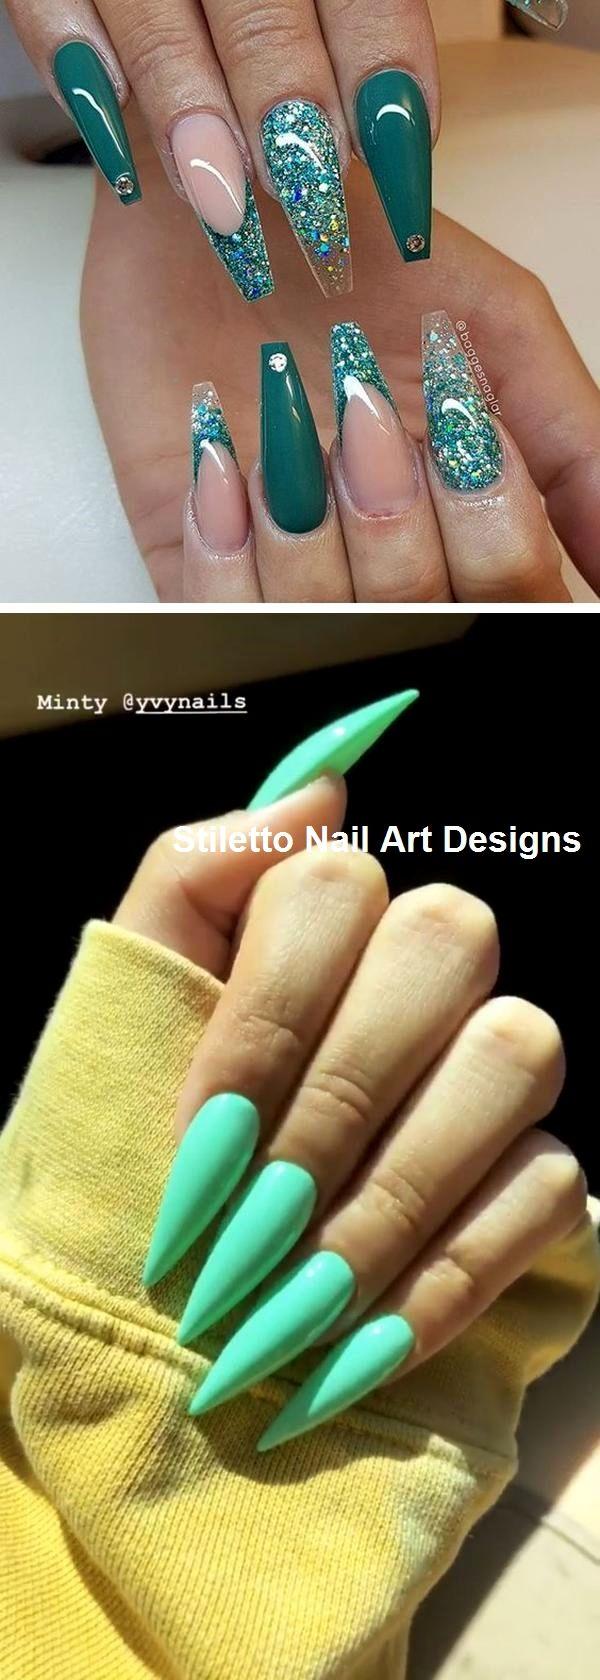 30 Ideen für großartige Stiletto-Nageldesigns #stiletto – Ovale Nägel